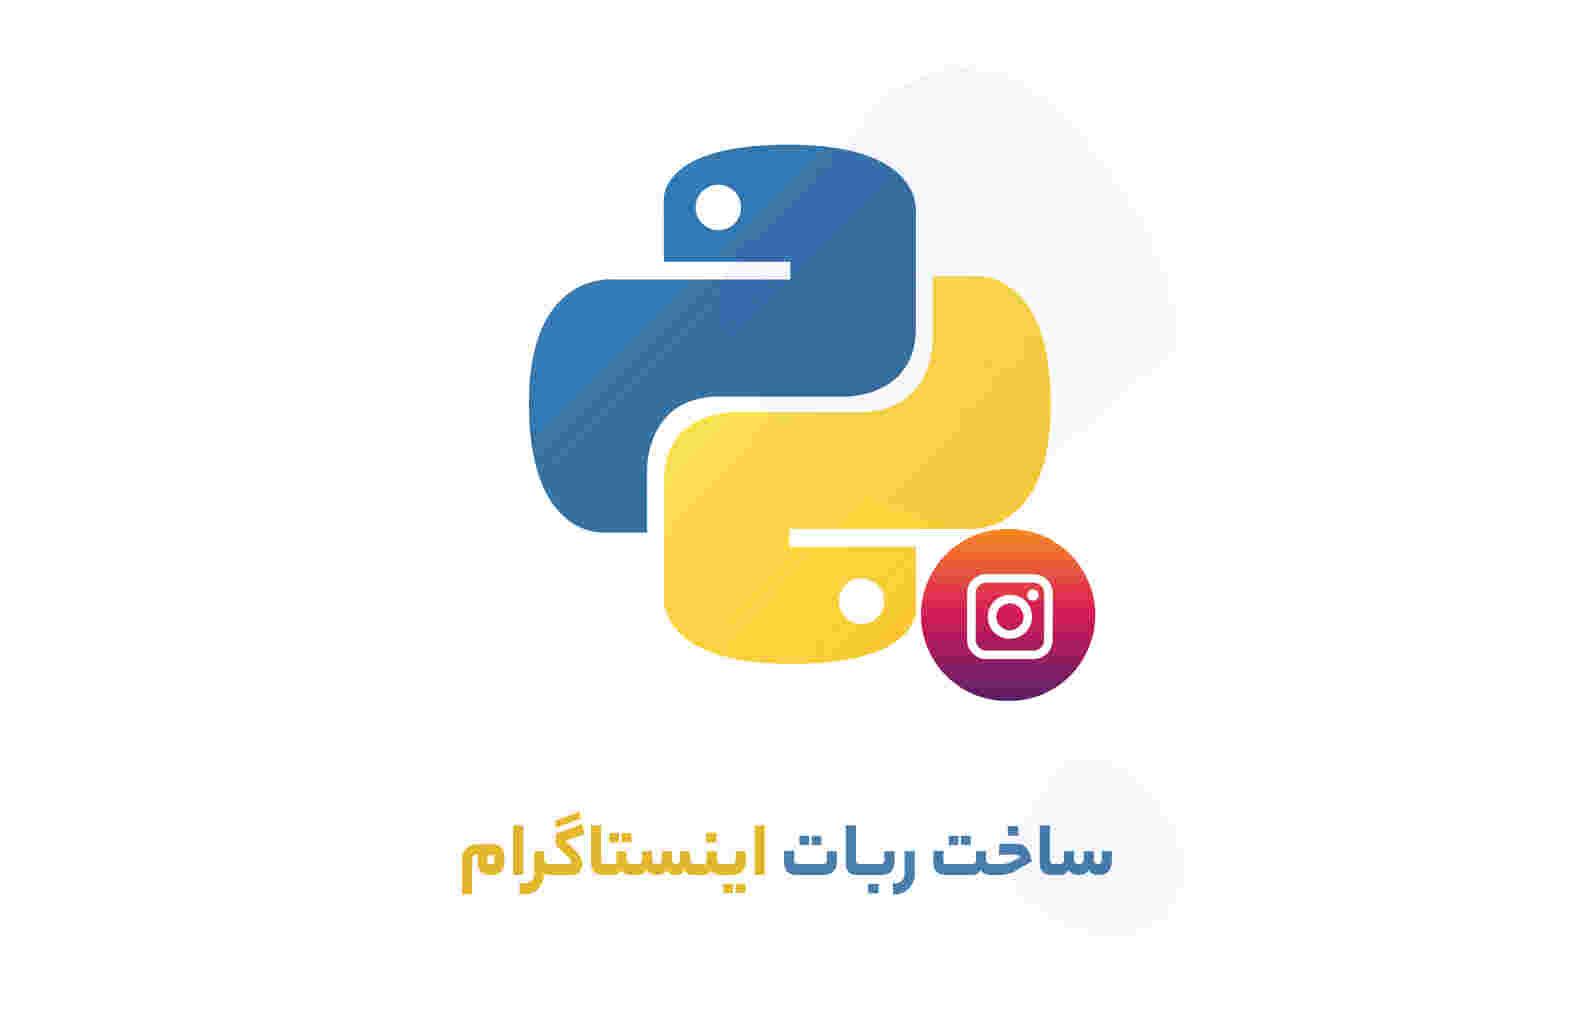 ساخت ربات اینستاگرام با پایتون (python )به صورت پروژه محور